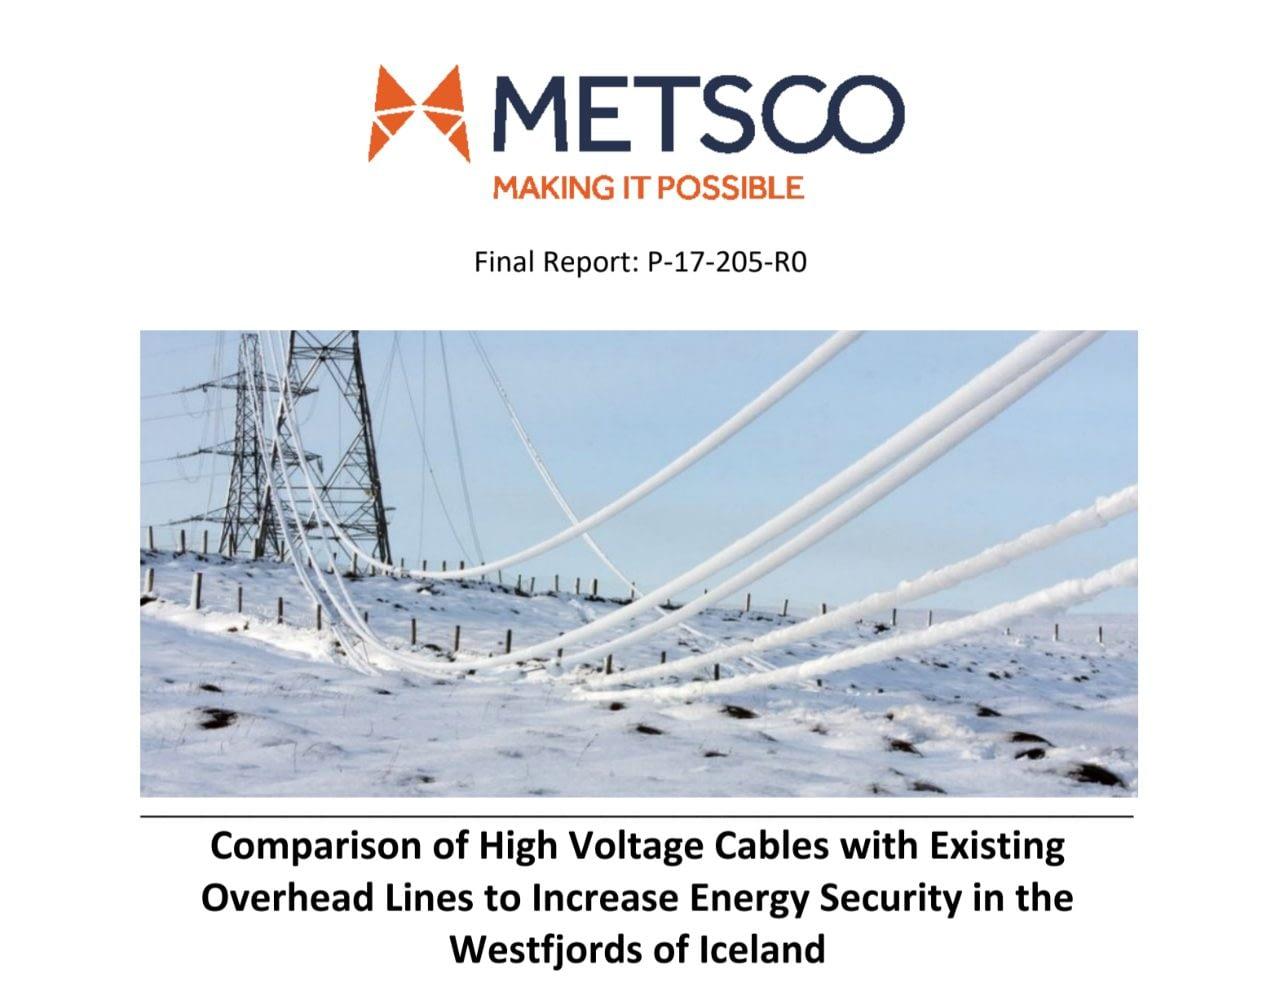 Forsíða Metsco skýrsla Landverndar um jarðstrengi og hápennulínur - high voltage cables á Vestfjörðum.